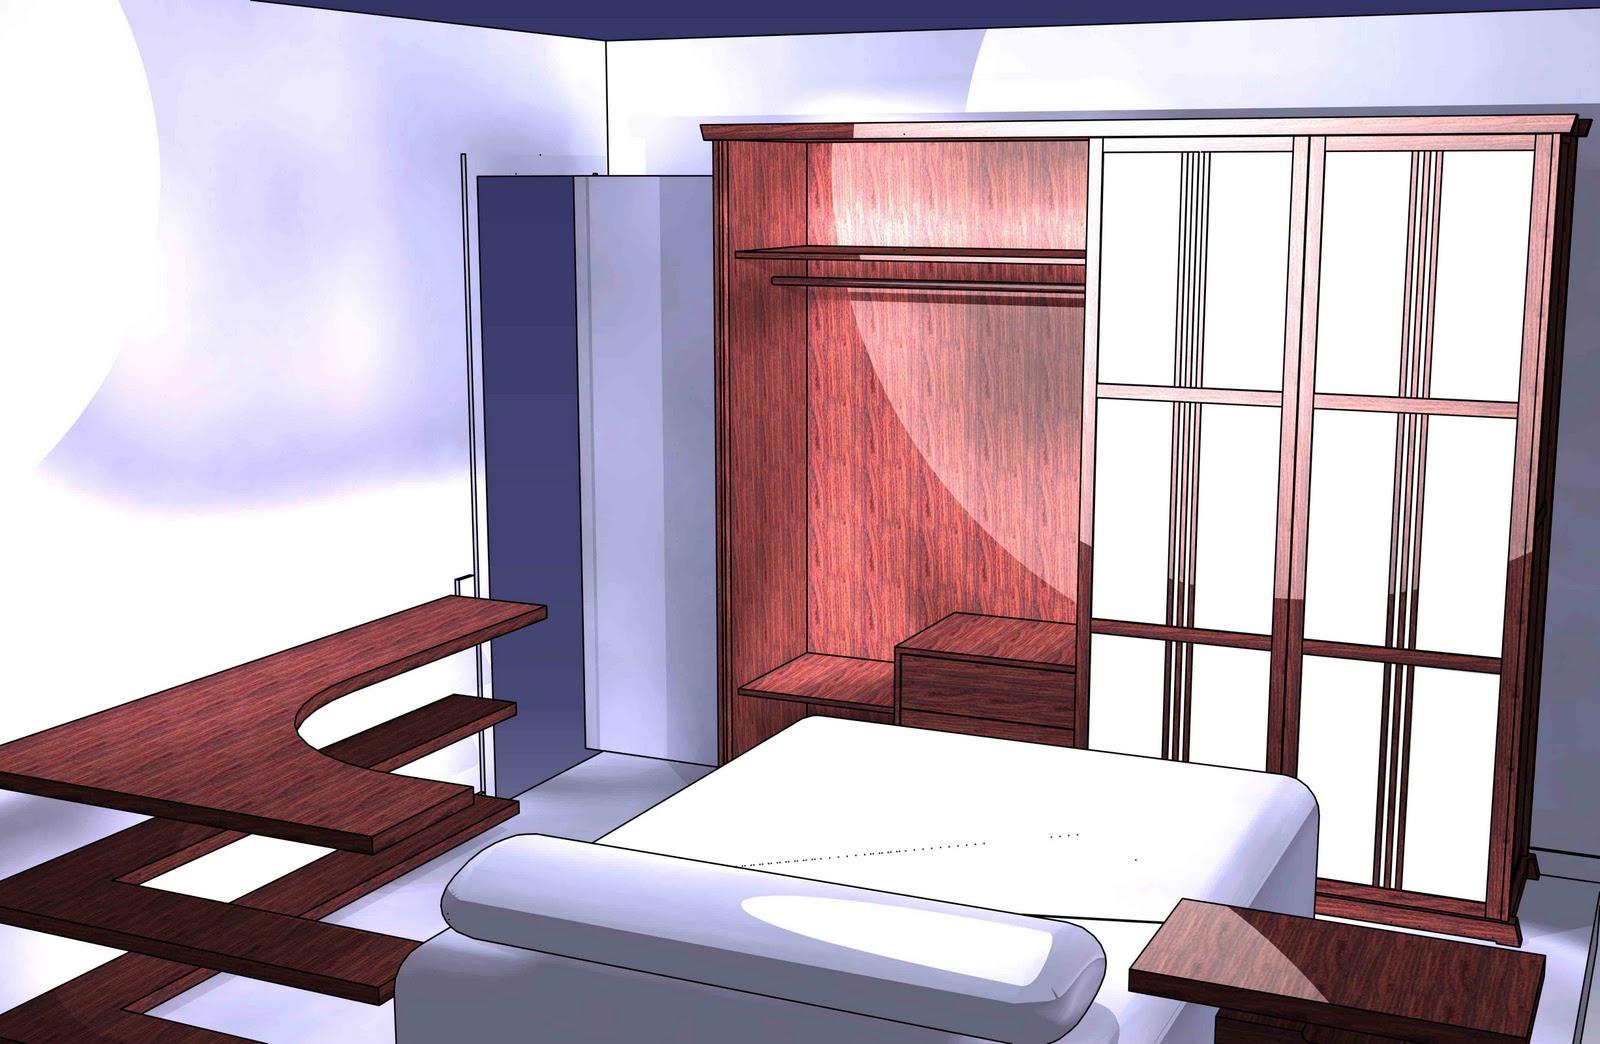 Carpinteria muebles a medida mueble estilo japon s con for Mueble 6 puertas